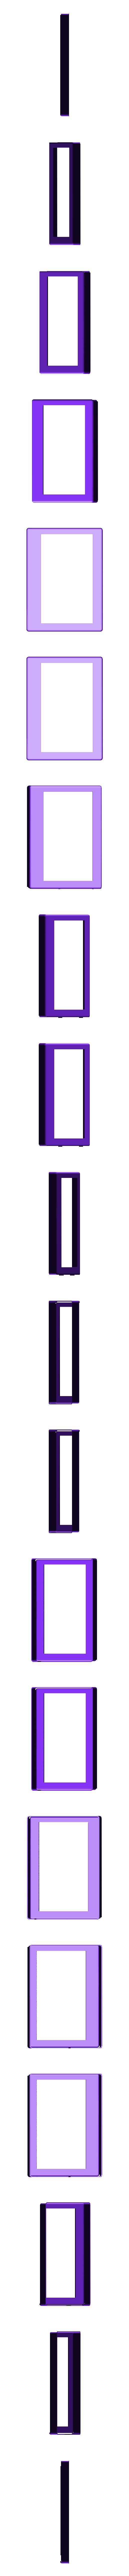 FRONT.stl Télécharger fichier STL gratuit Prise en charge de l'écran Rasperry Clone • Design pour imprimante 3D, omni-moulage